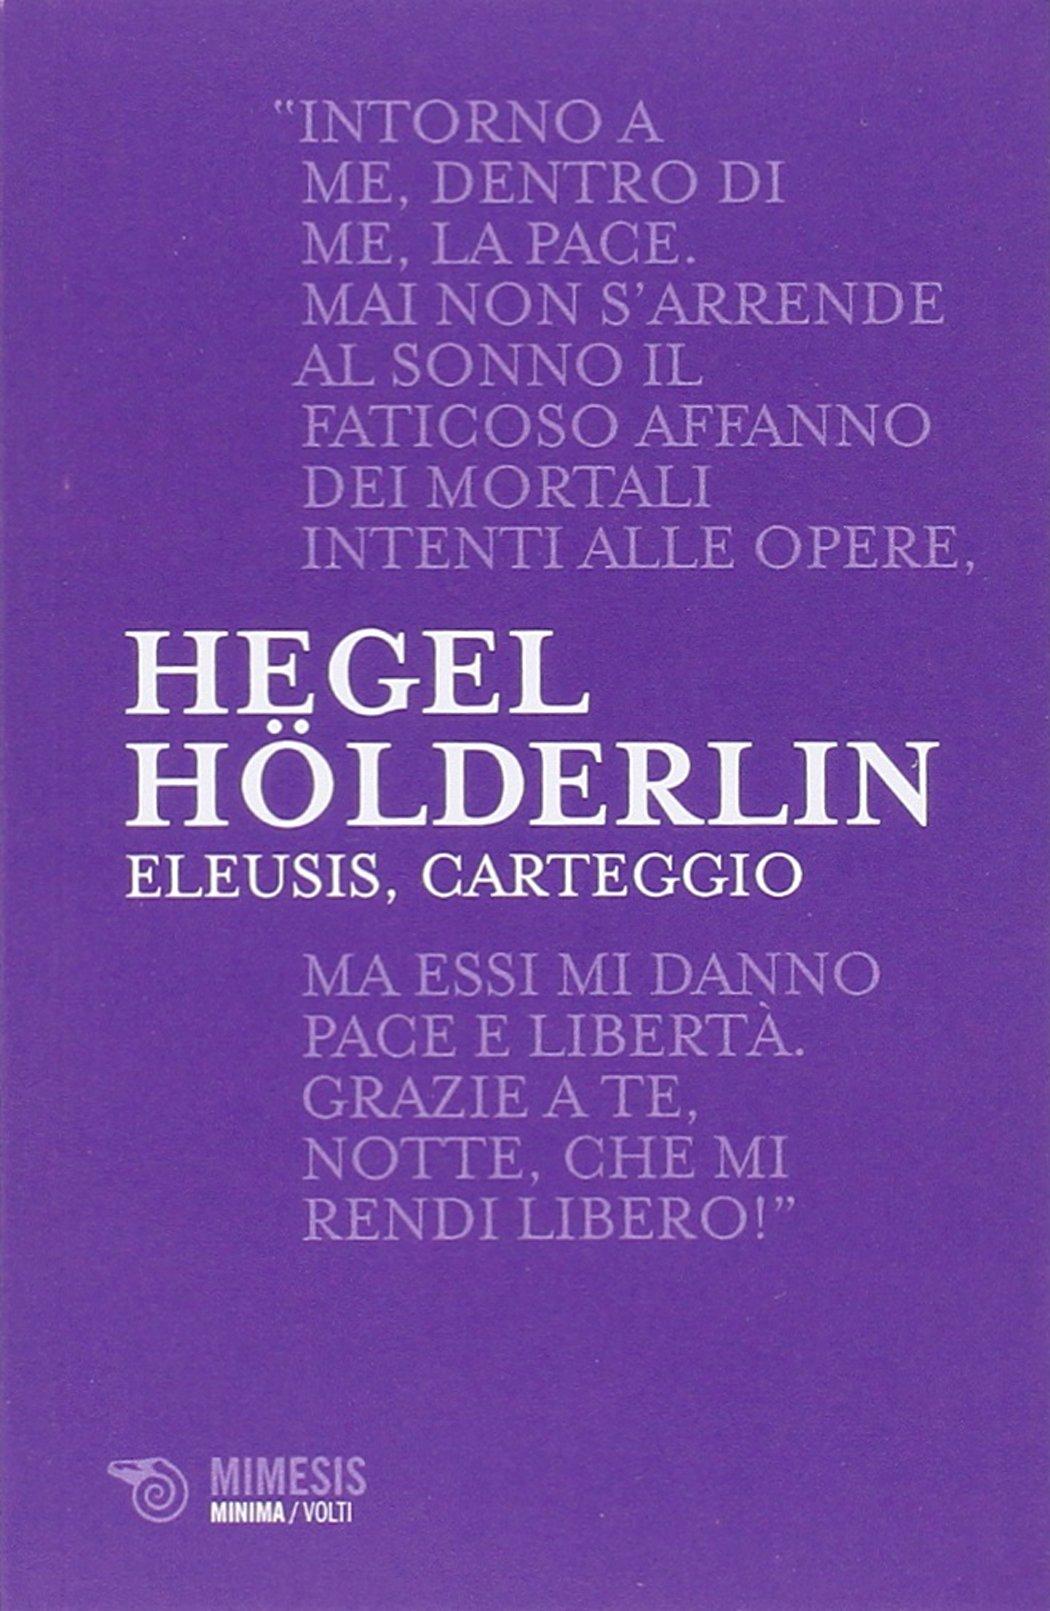 Eleusis, carteggio. Il poema filosofico del giovane Hegel e il suo epistolario con Hölderlin. Testo tedesco a fronte (Minima volti)